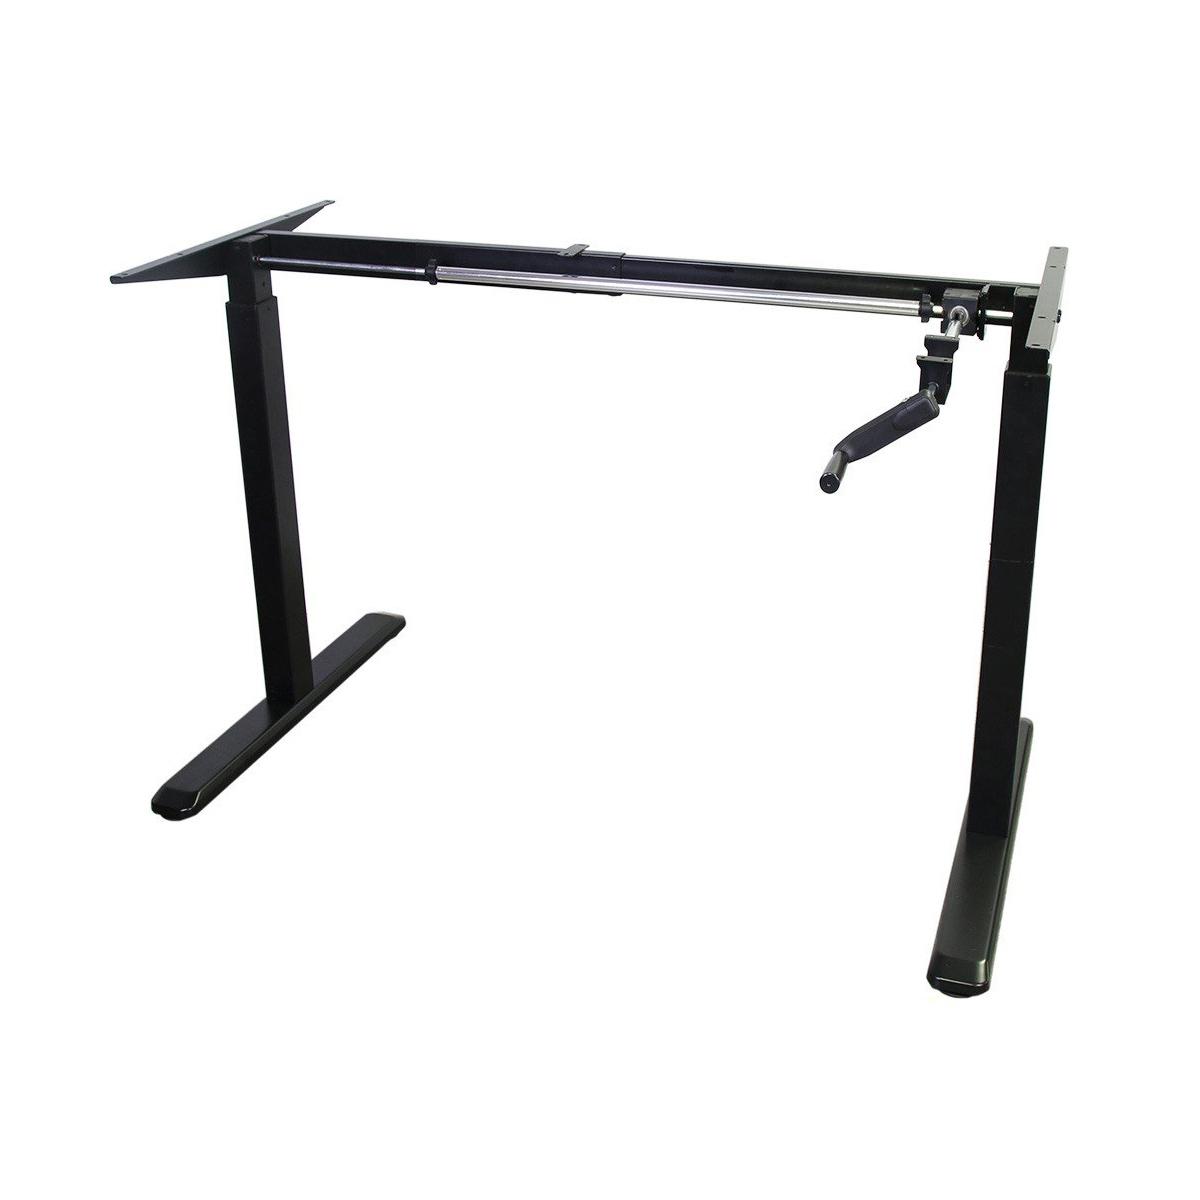 Floor Standing FS-DR48C Manual Crank Height Adjustable Desk Frame